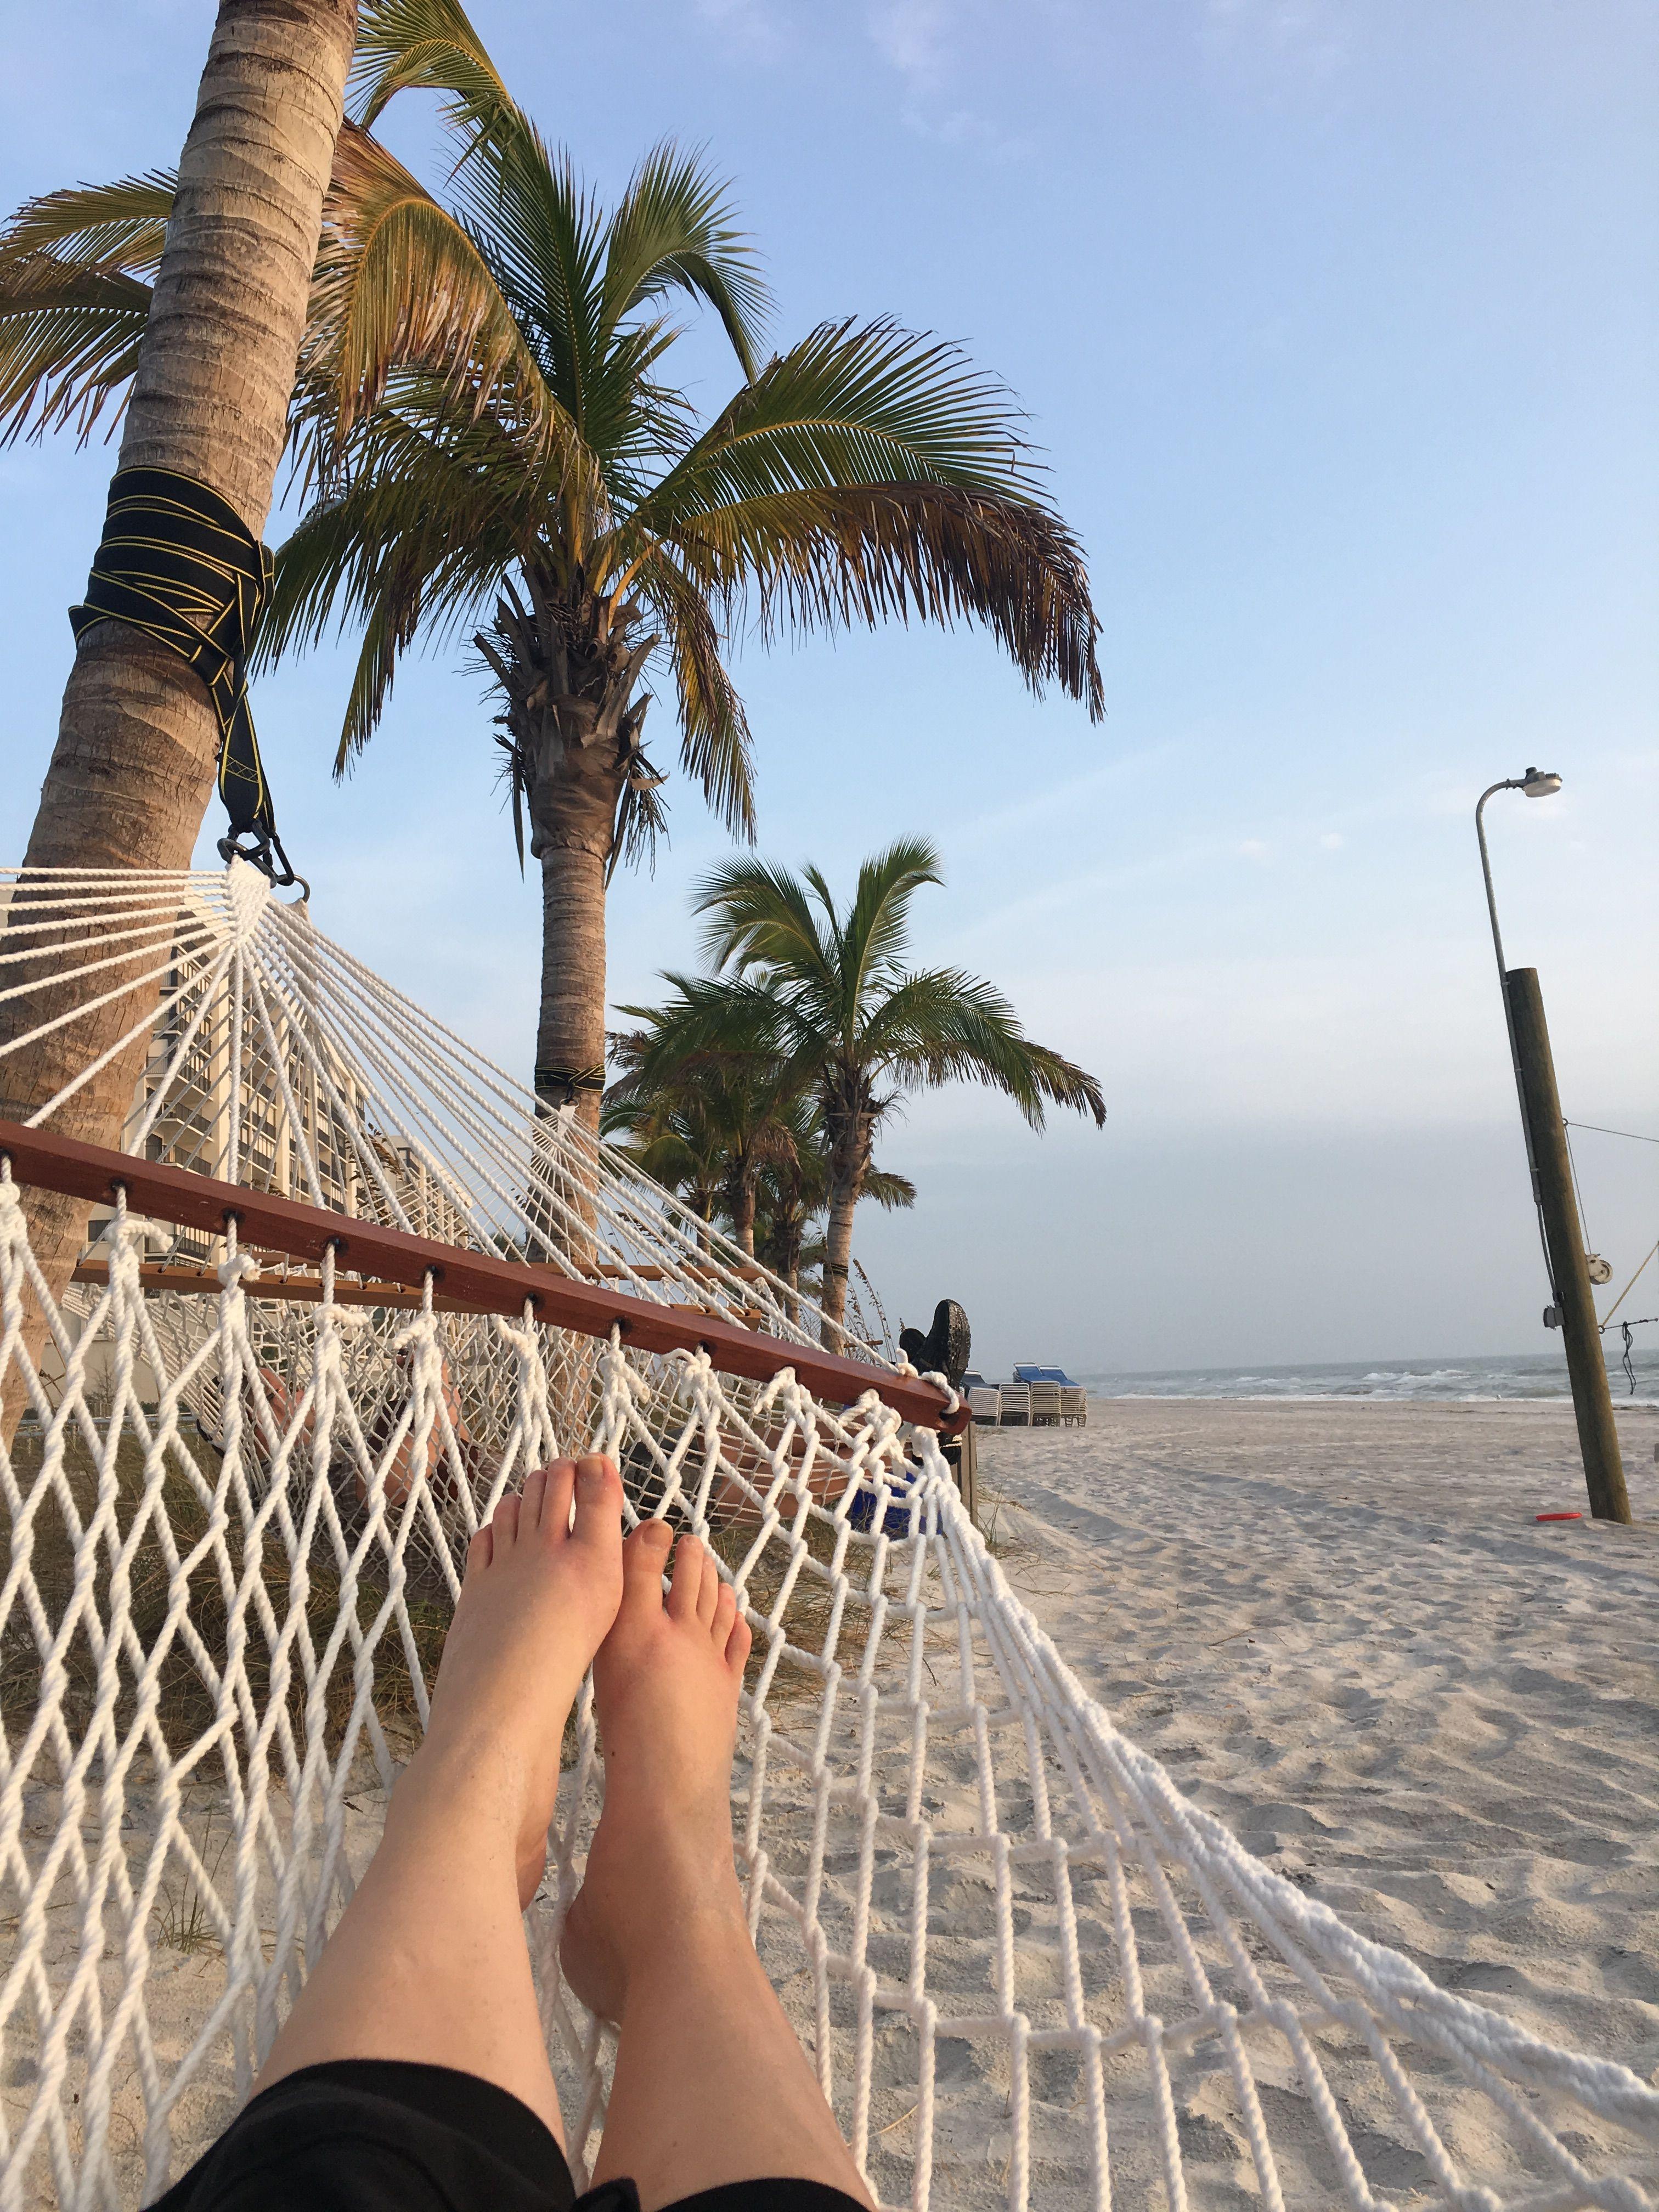 Hammocks on Madeira Beach — at Archibald Beach Park in St